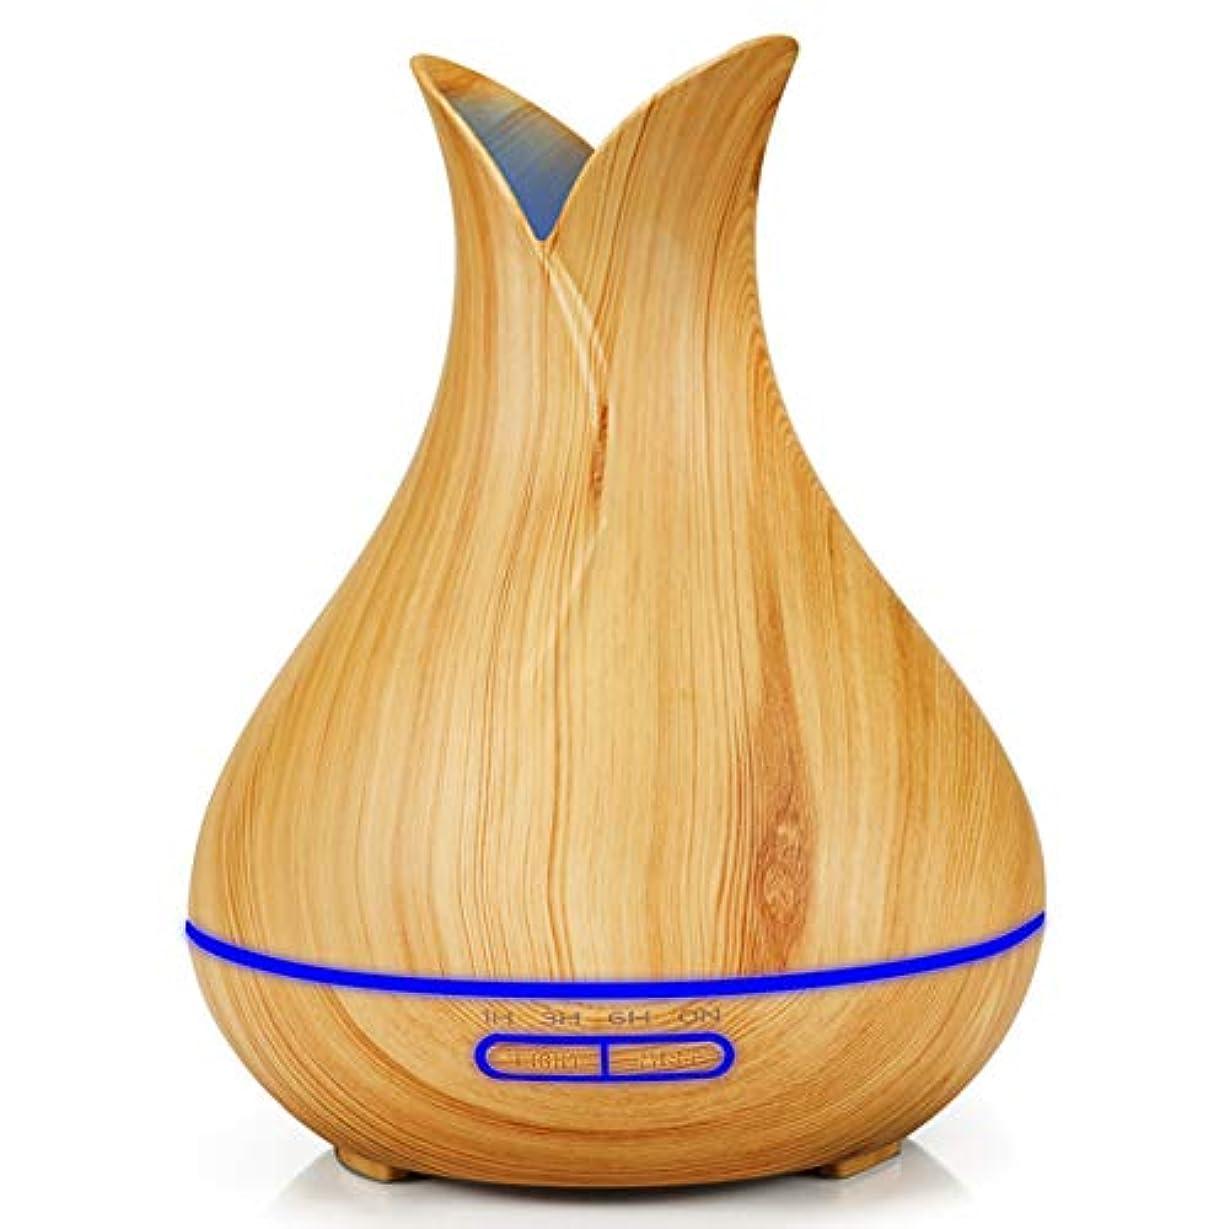 義務航空コールアロマエッセンシャルオイルディフューザーミニ花瓶エッセンシャルオイルディフューザー家庭用スプレー木目アロマセラピーマシン-lightwoodgrain